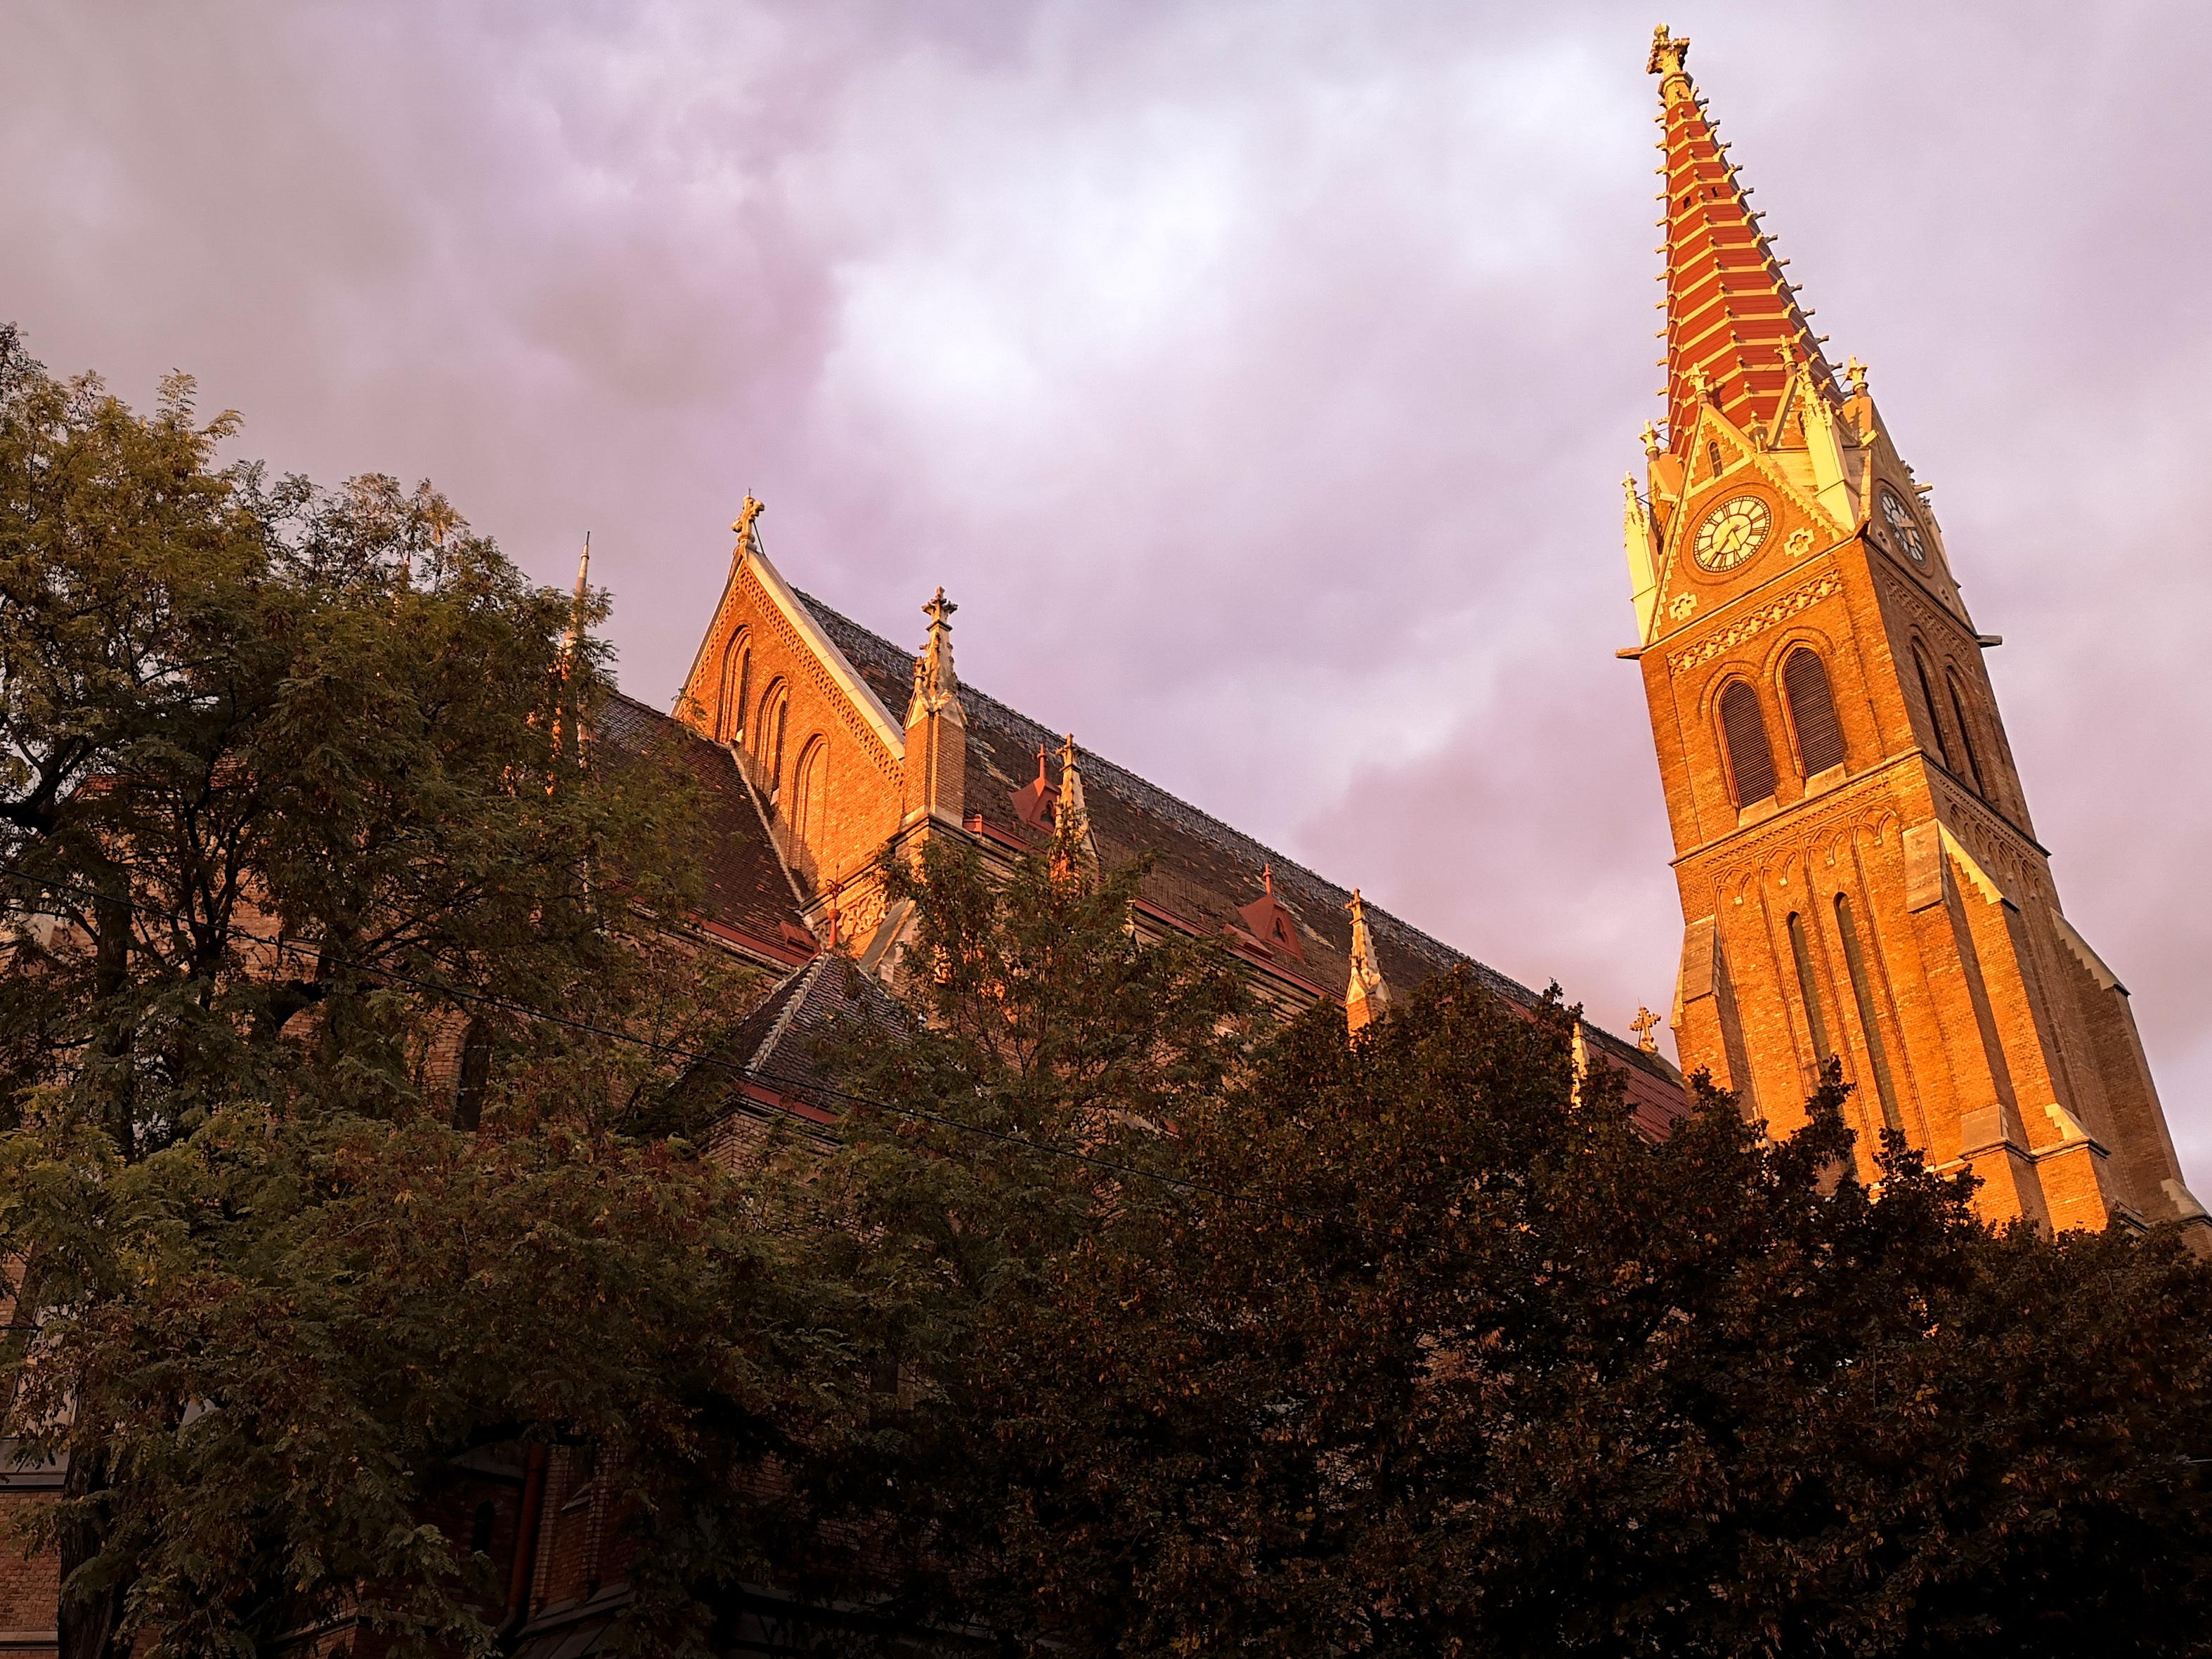 Wienissä auringonlaskut maalaavat kaupungin oranssiksi. Tosin kuvaa on käsitelty LOOVin Autumn-presetein.